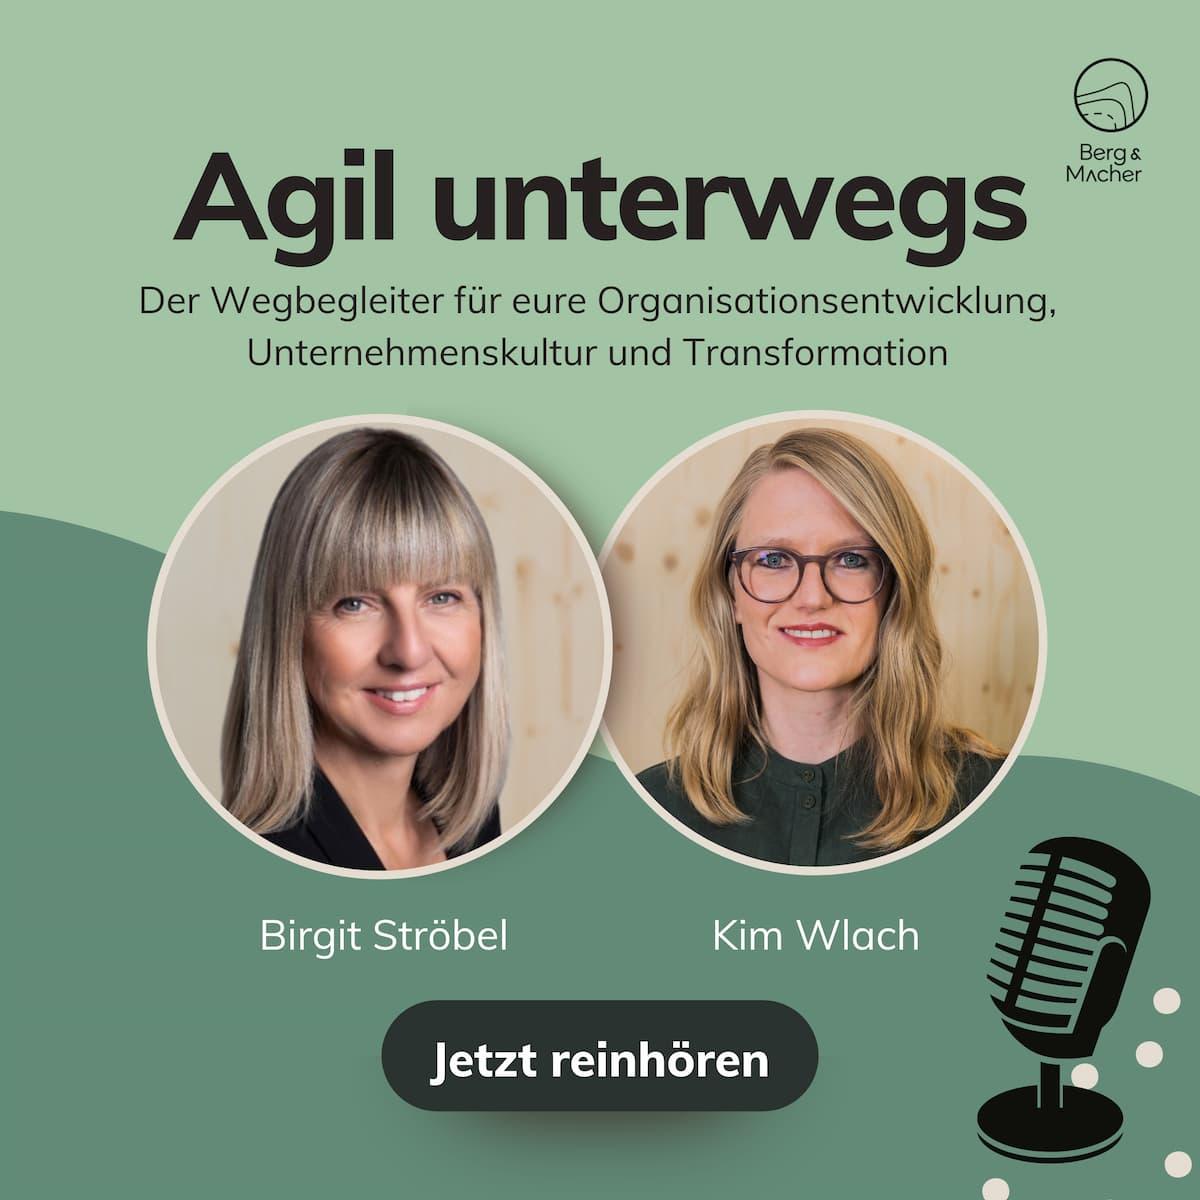 Berg & Macher Podcast Organisationsentwicklung